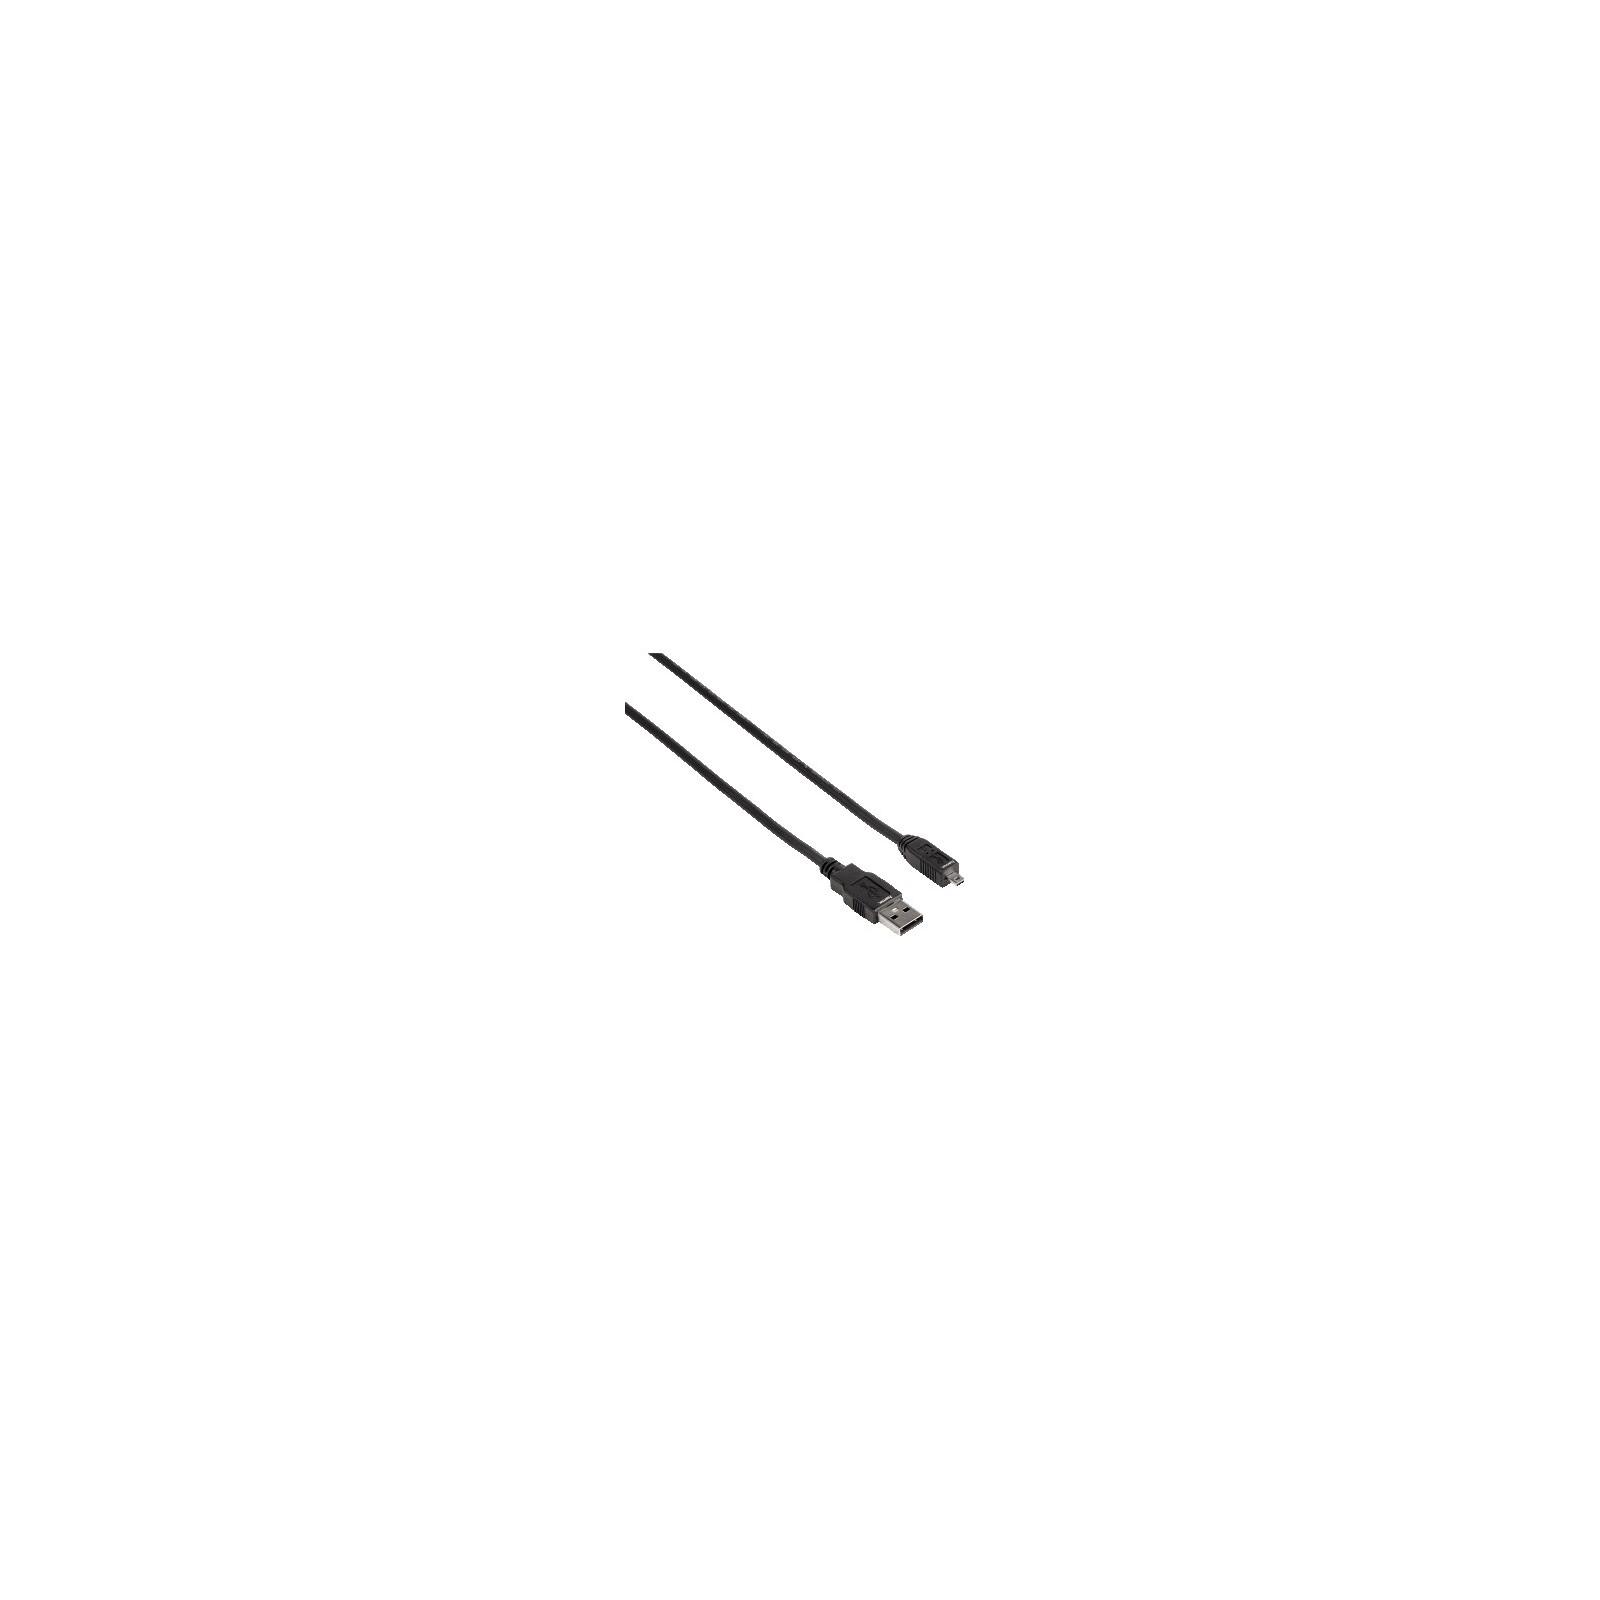 Hama 74204 USB-2.0-Anschlusskabel, A-Stecker - Mini-B-St. (B